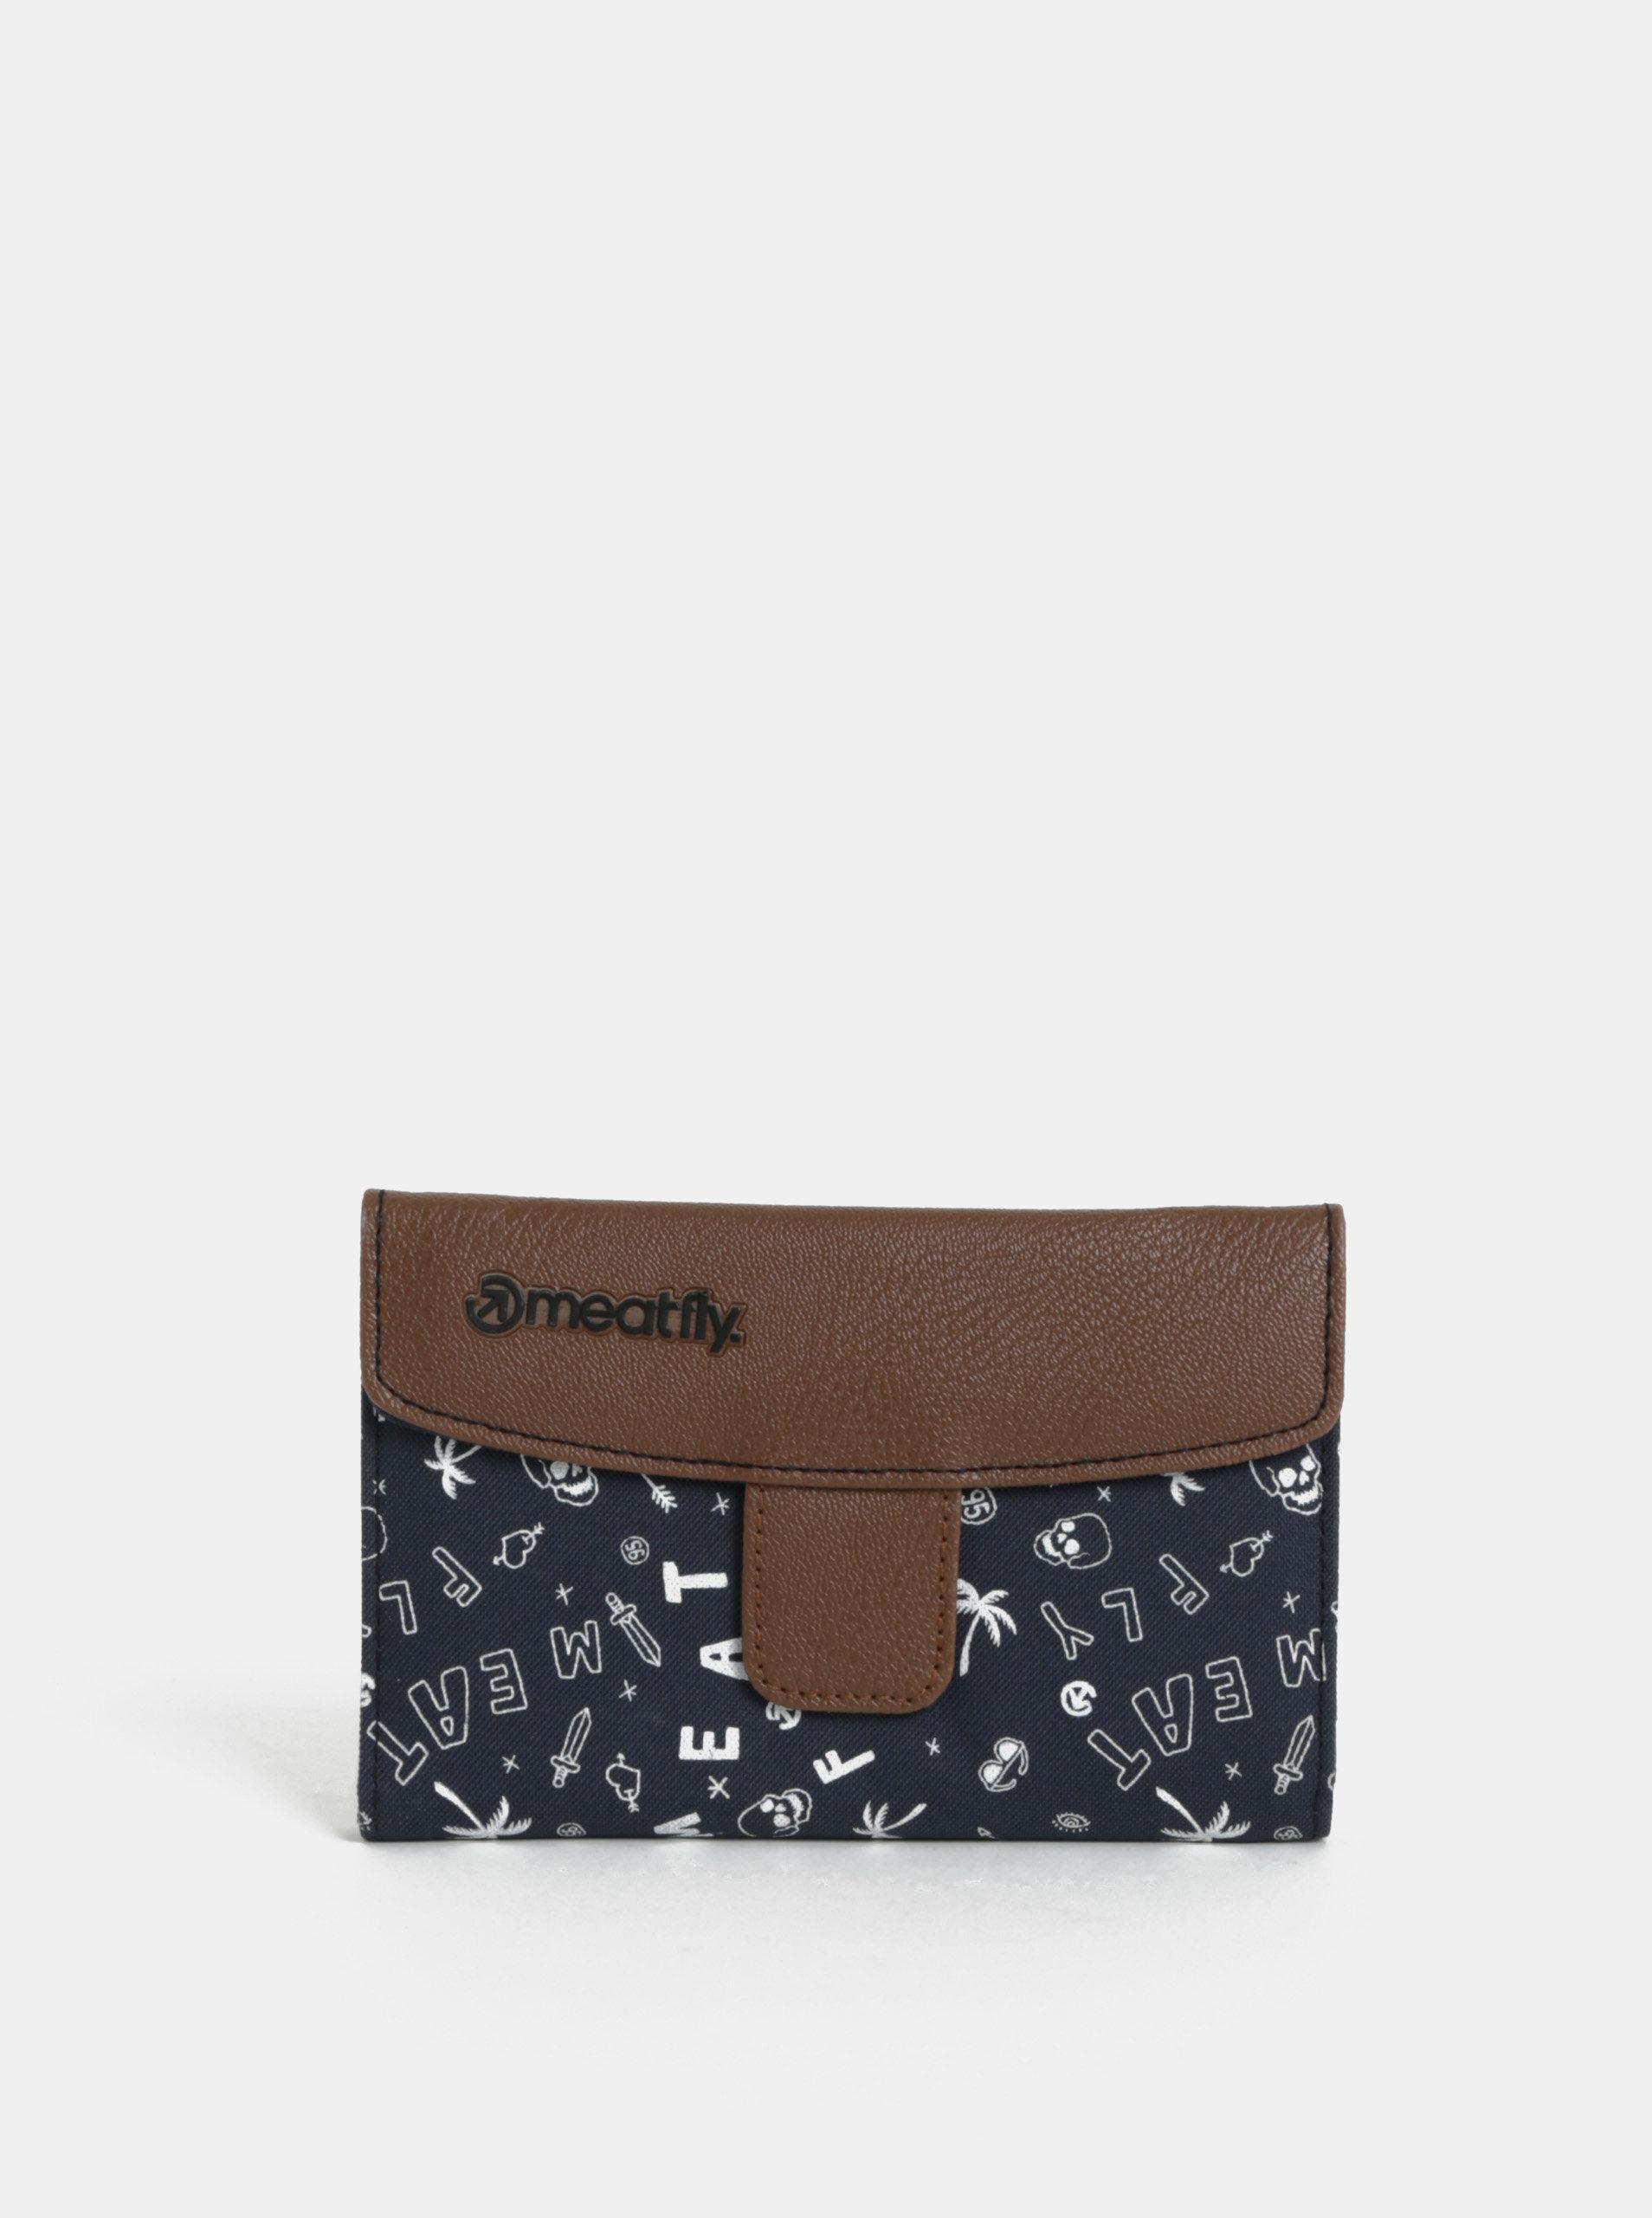 Hnědo-modrá dámská peněženka Meatfly